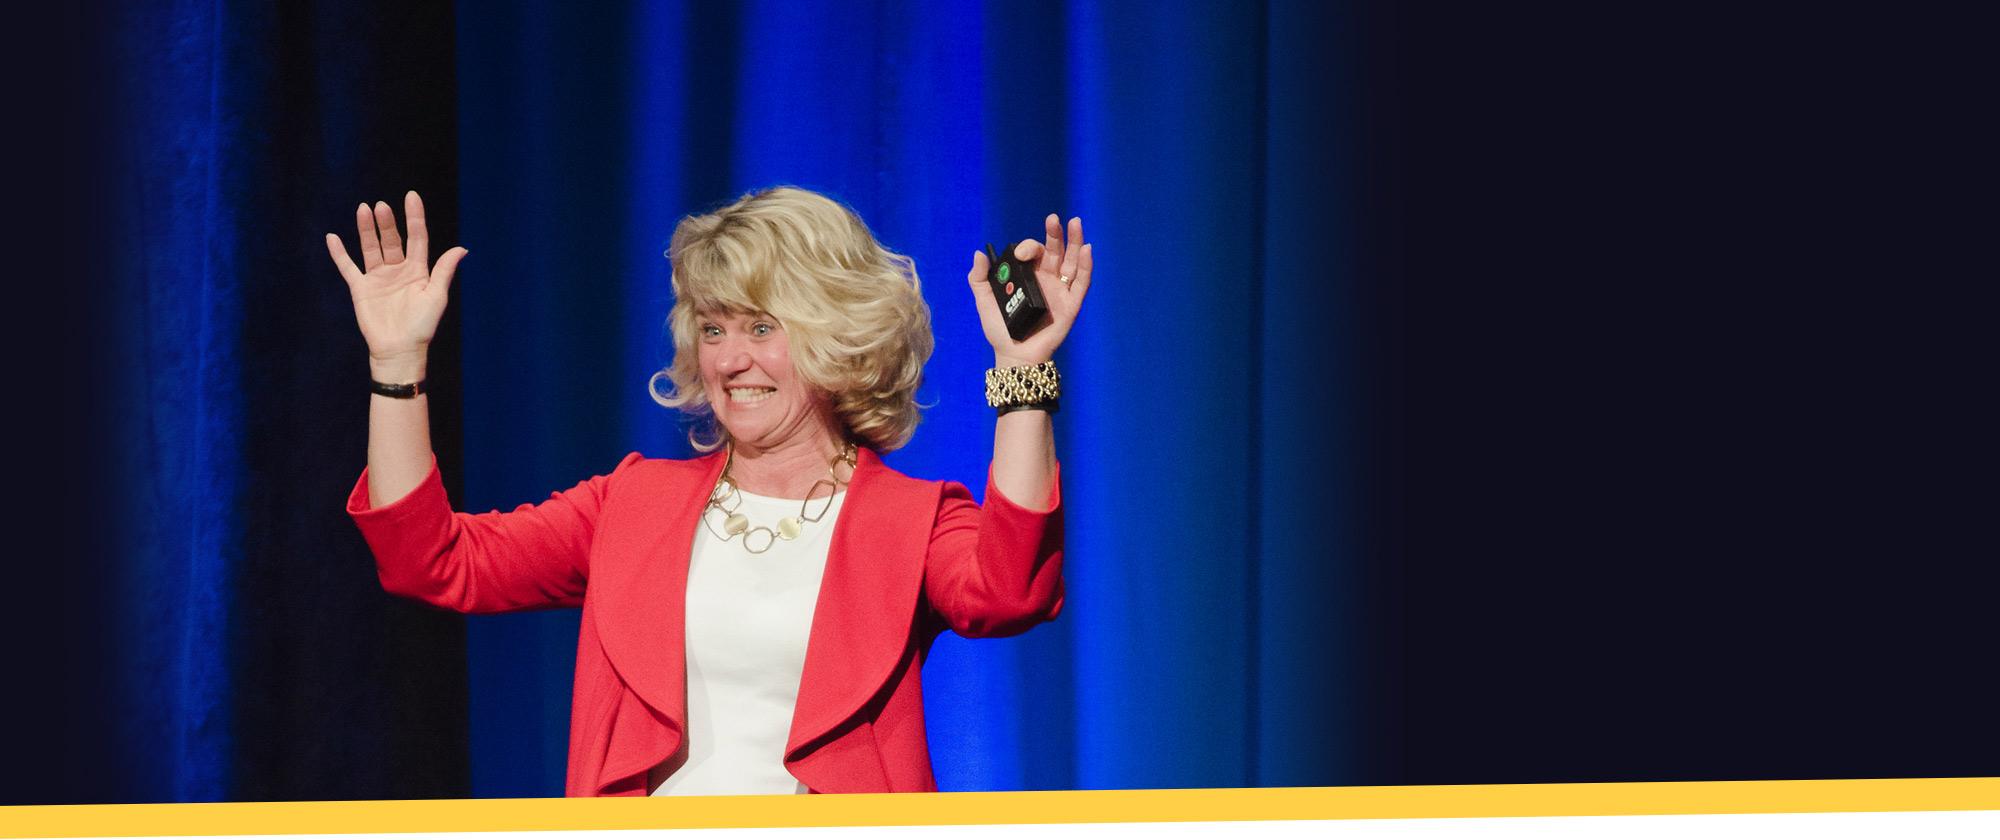 Patty Hendrickson Keynote Speaker - Background